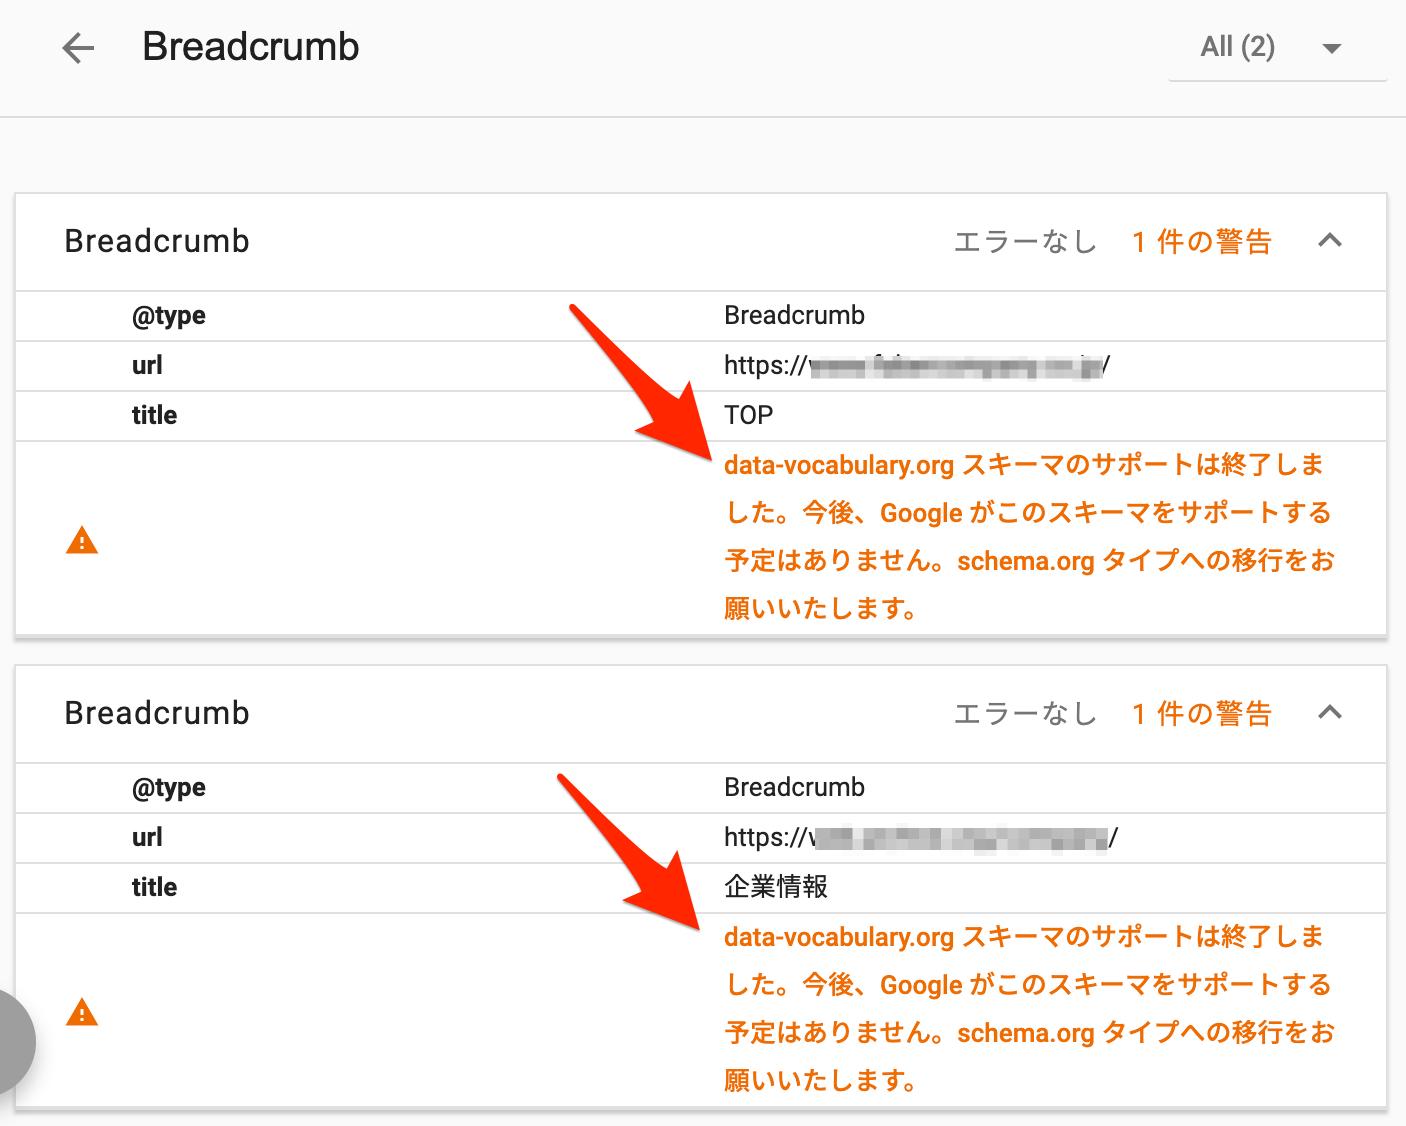 data-vocabulary.org スキーマのサポートは終了しました。今後、Google がこのスキーマをサポートする予定はありません。schema.org タイプへの移行をお願いいたします。